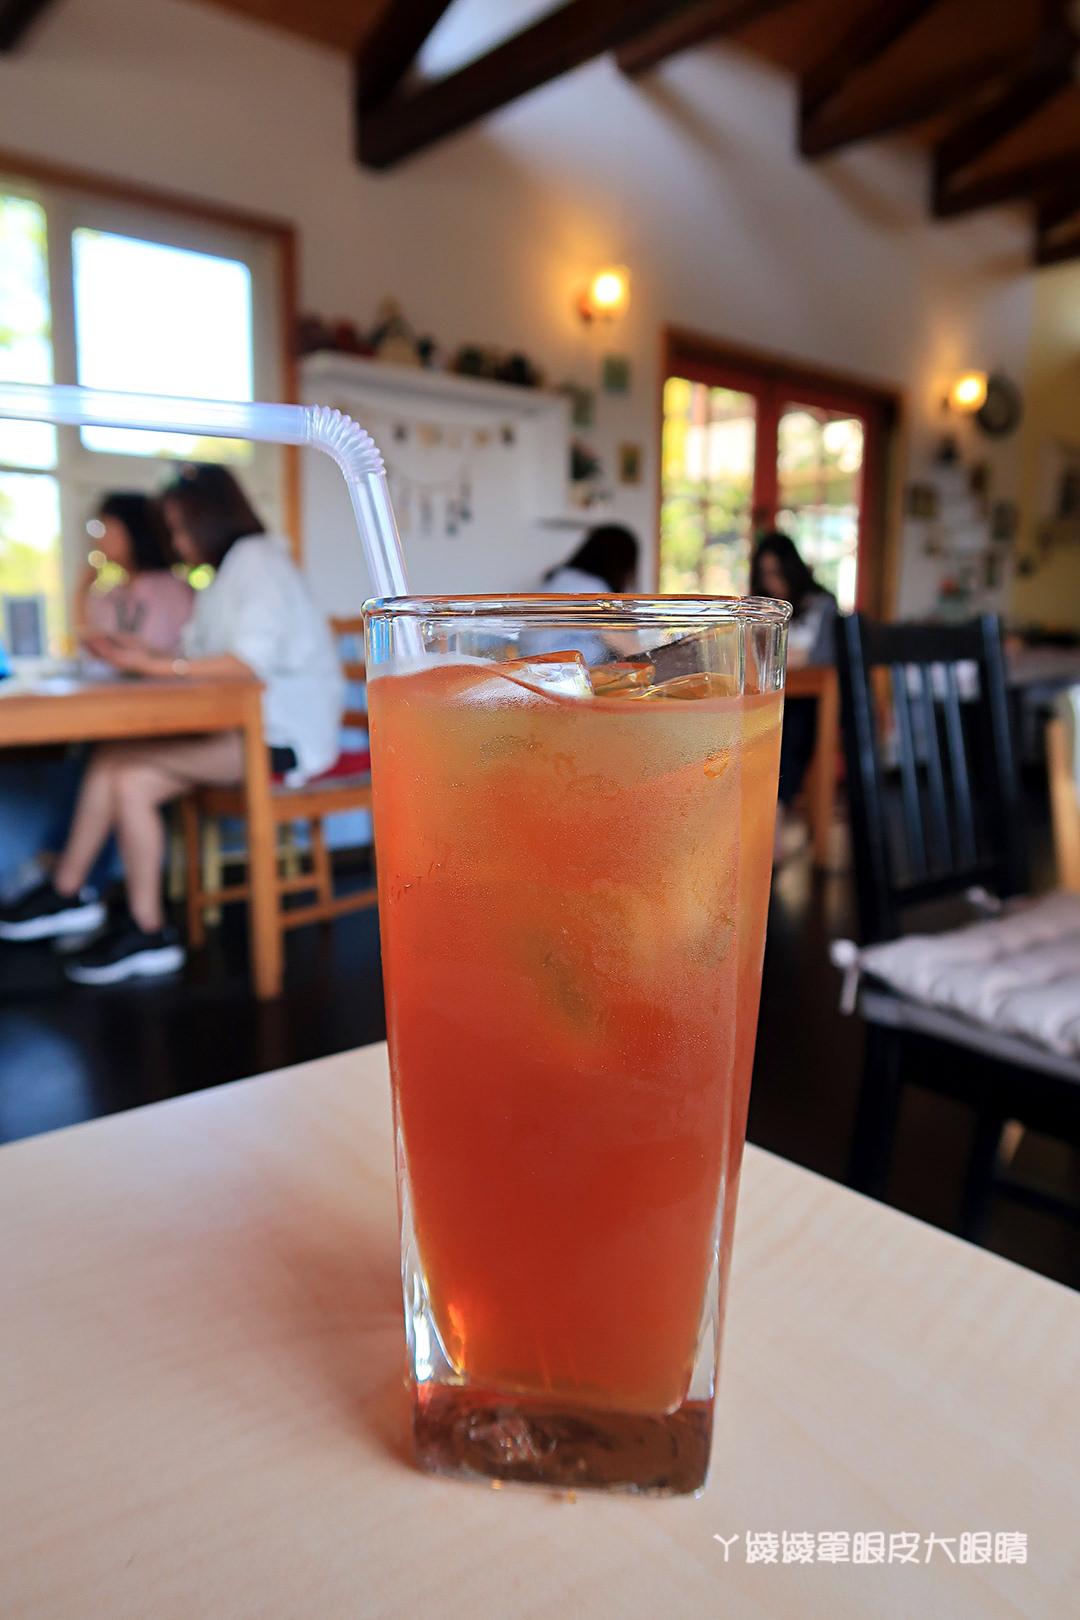 連假去哪裡玩?新竹人氣旅遊景點,新埔普羅旺斯小木屋餐廳推出草莓干貝燉飯